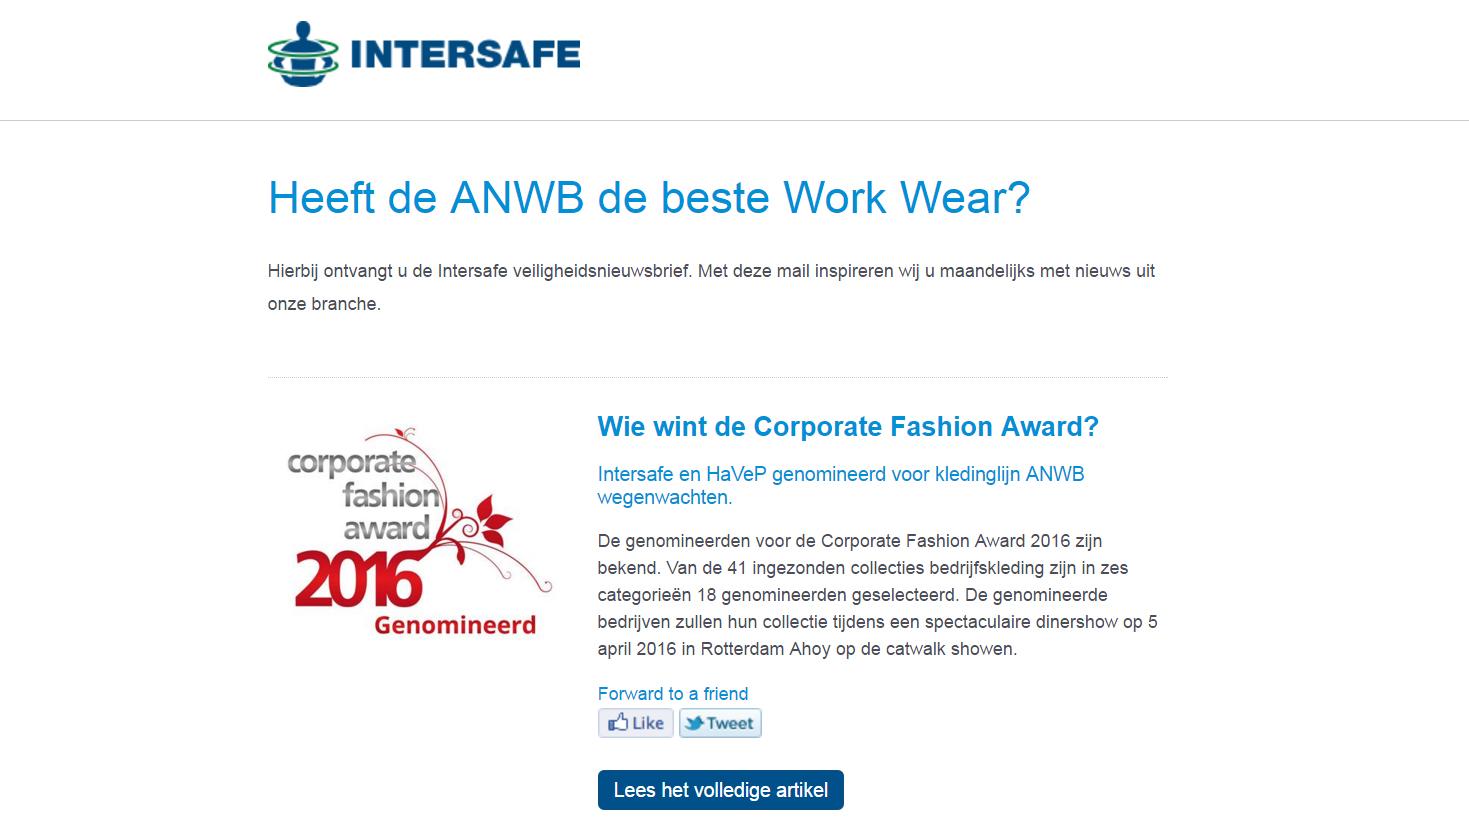 NIEUWSBRIEF: Heeft de ANWB de beste Work Wear?